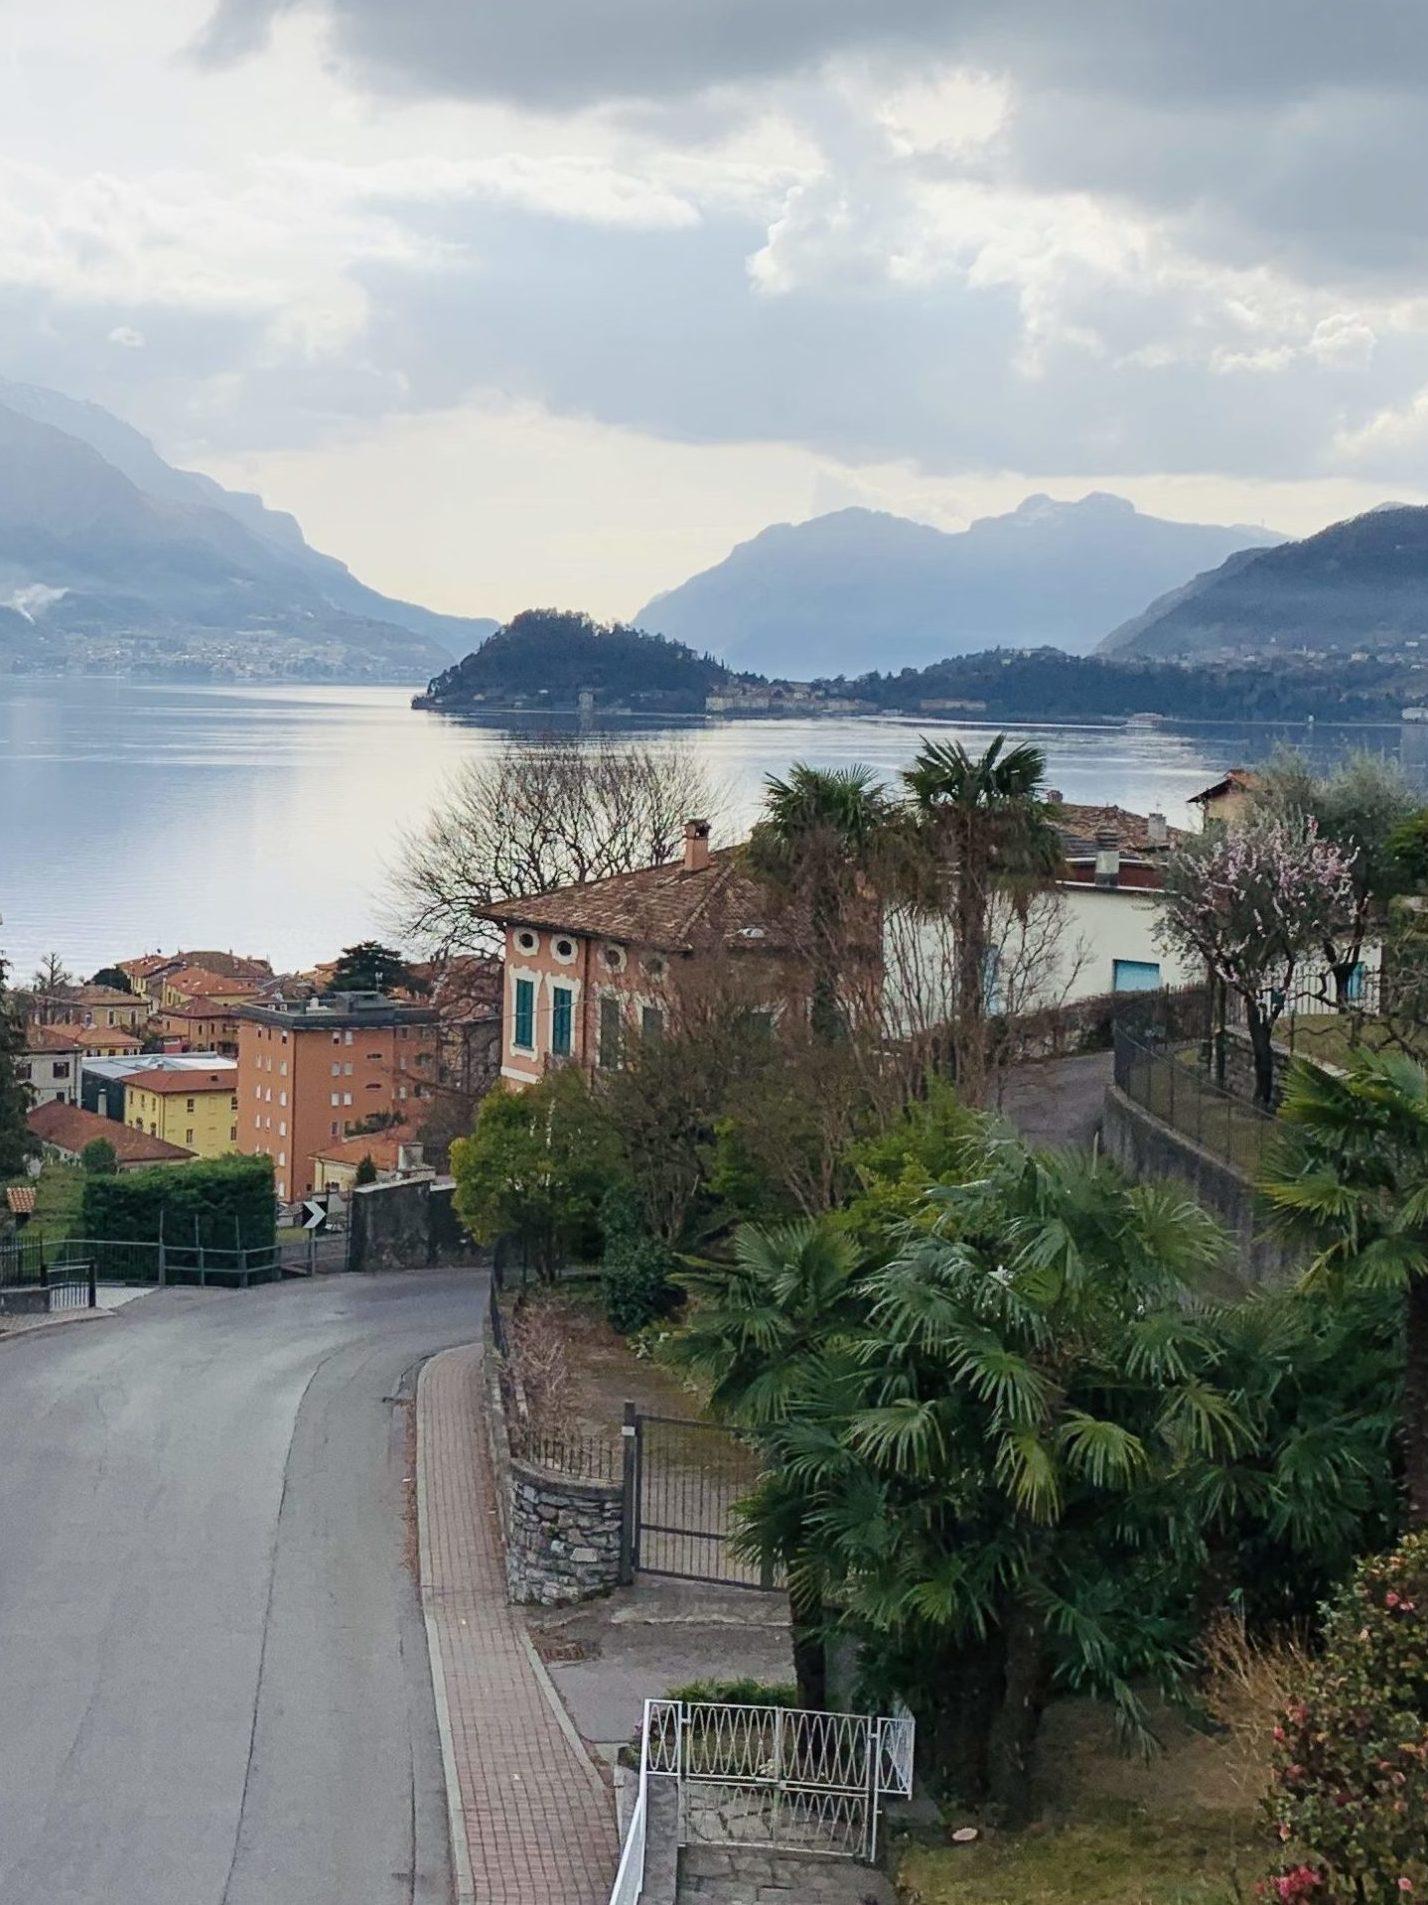 Hotel Loveno - lake view room - Menaggio